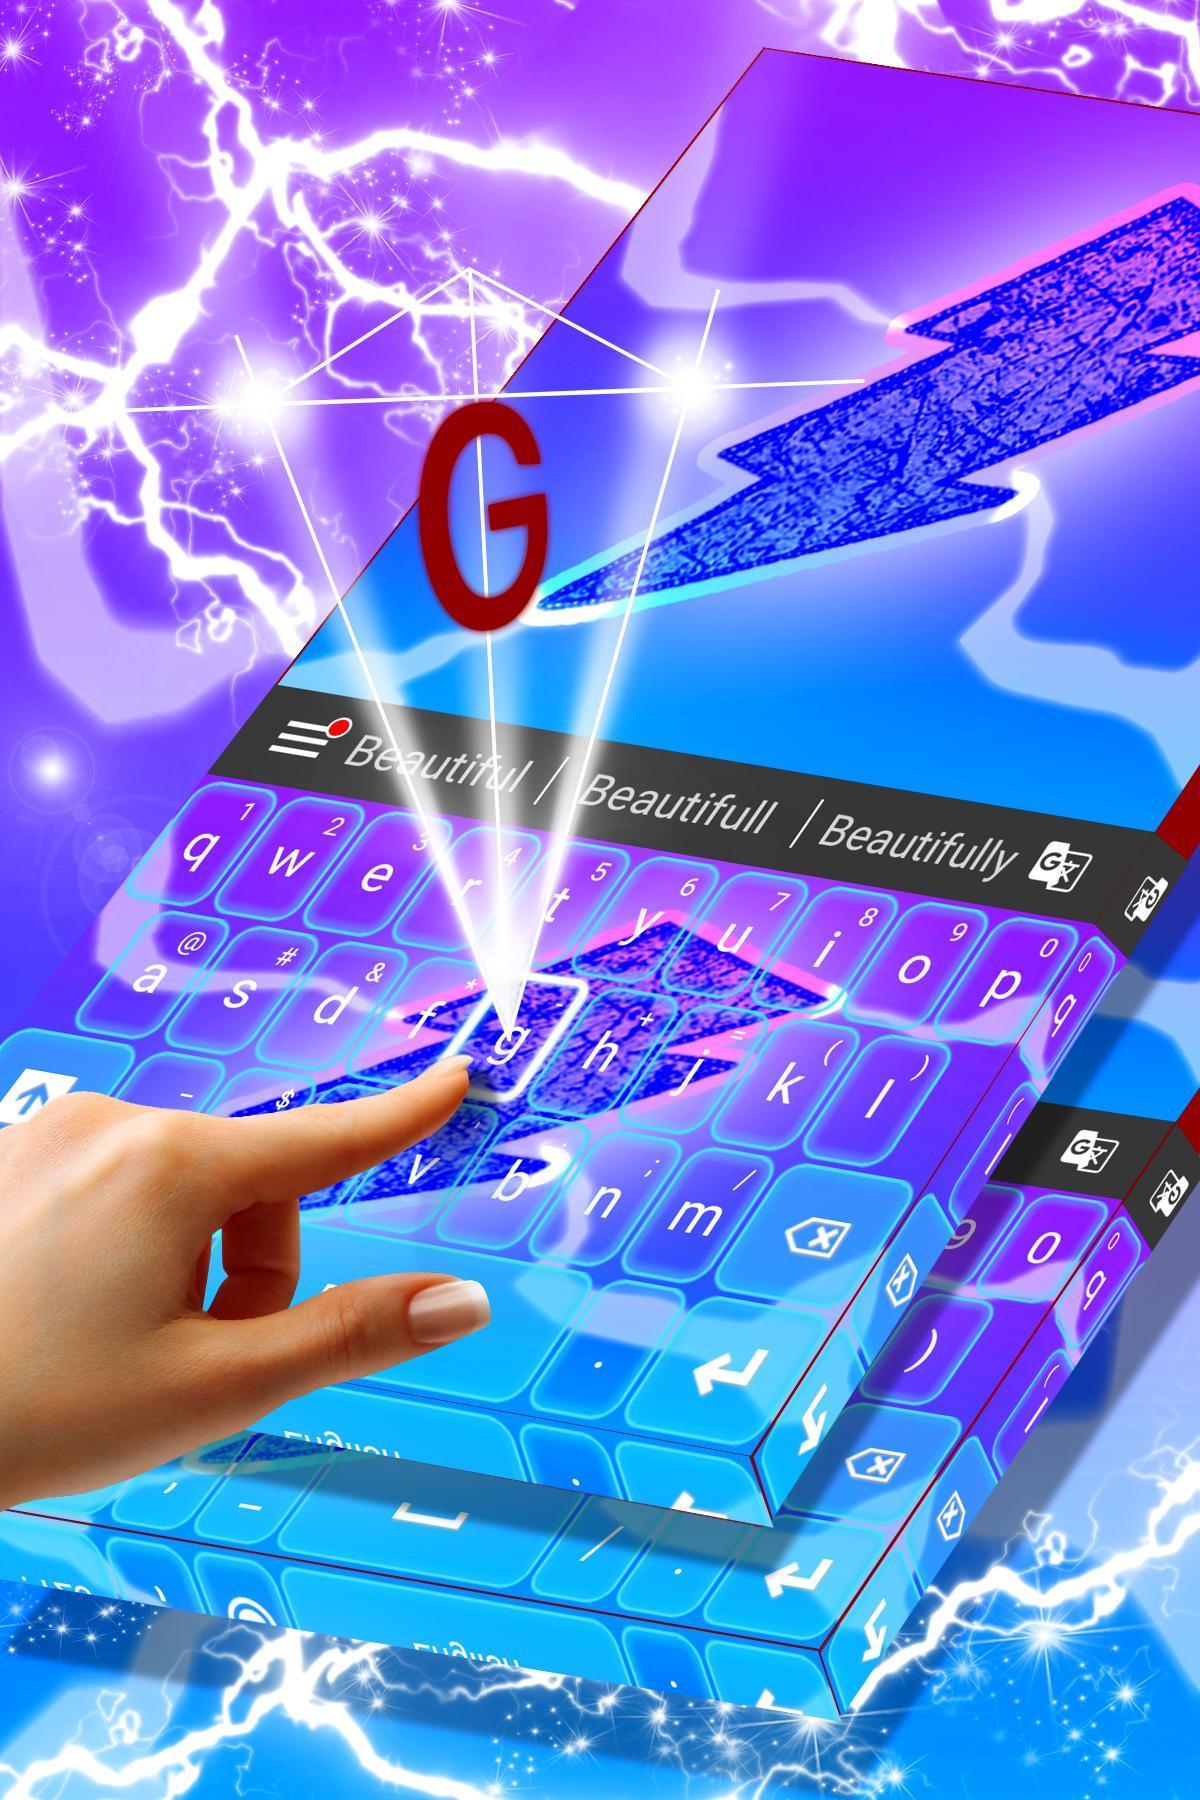 Flash Theme For Keyboard 2018 screenshot 2